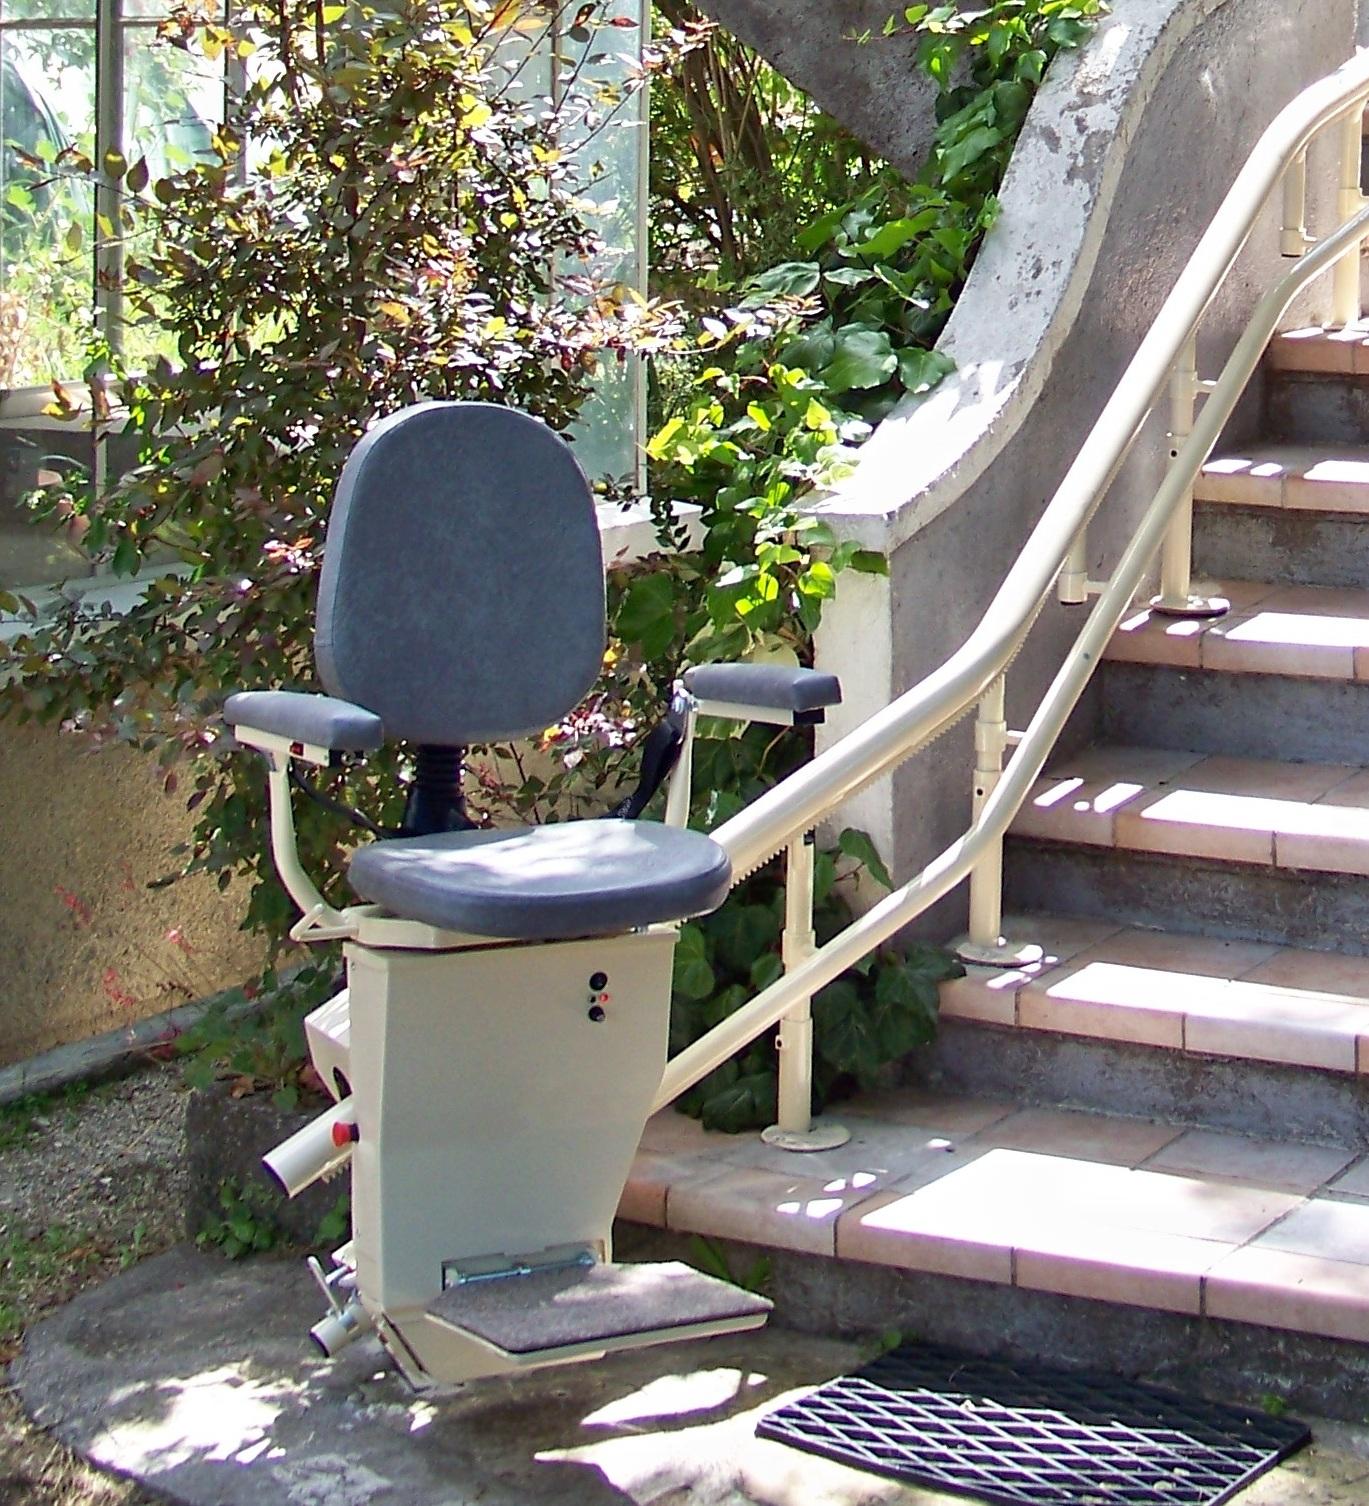 Monte escalier exterieur prix 28 28 images stannah for Prix escalier exterieur